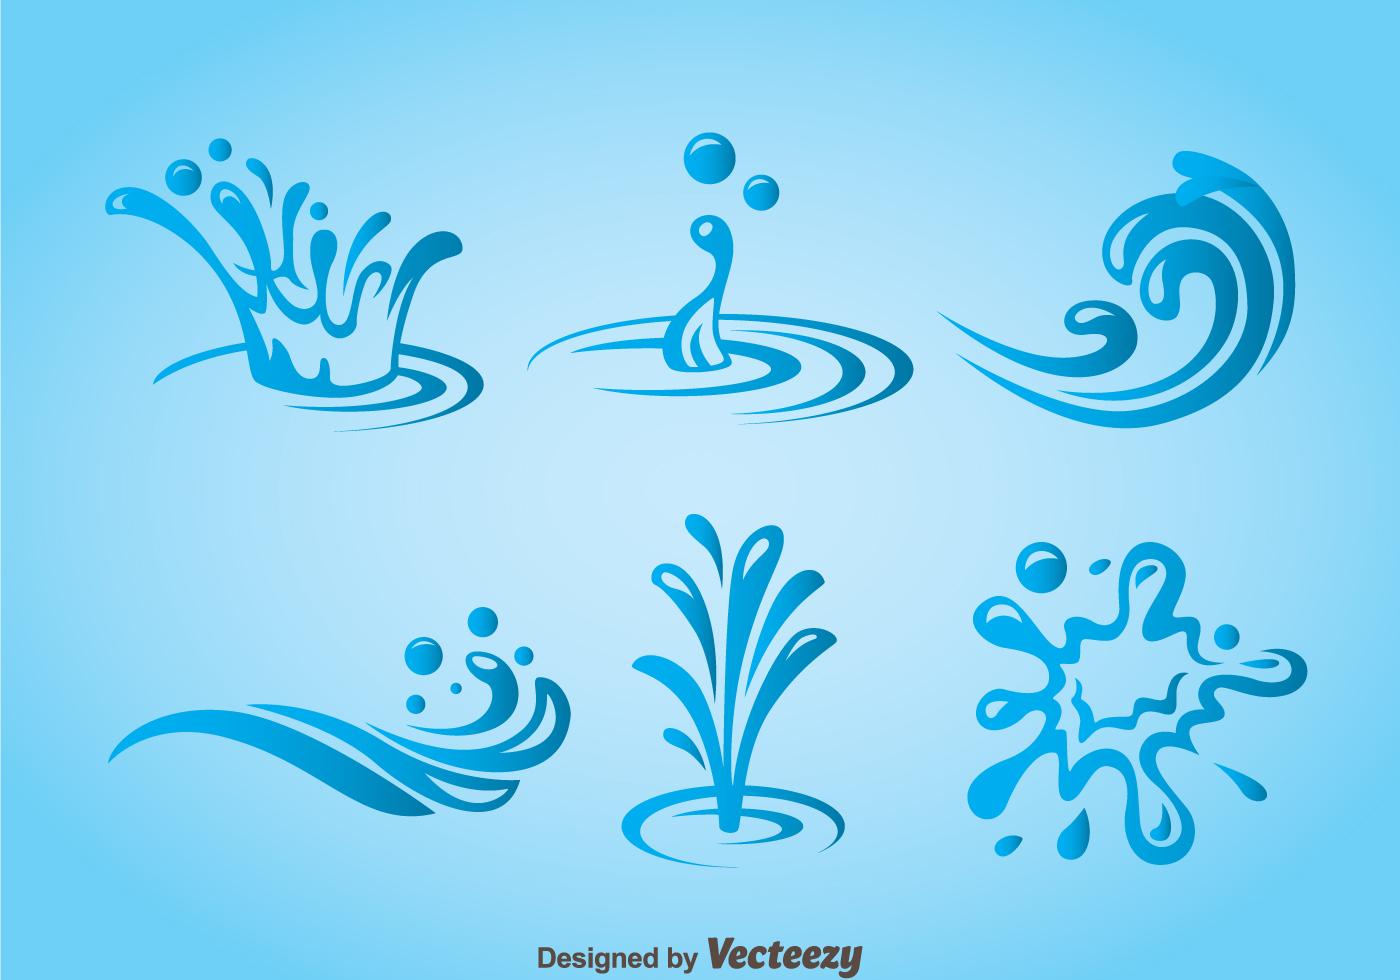 Splash Water Icons Vector - Download Free Vector Art ...